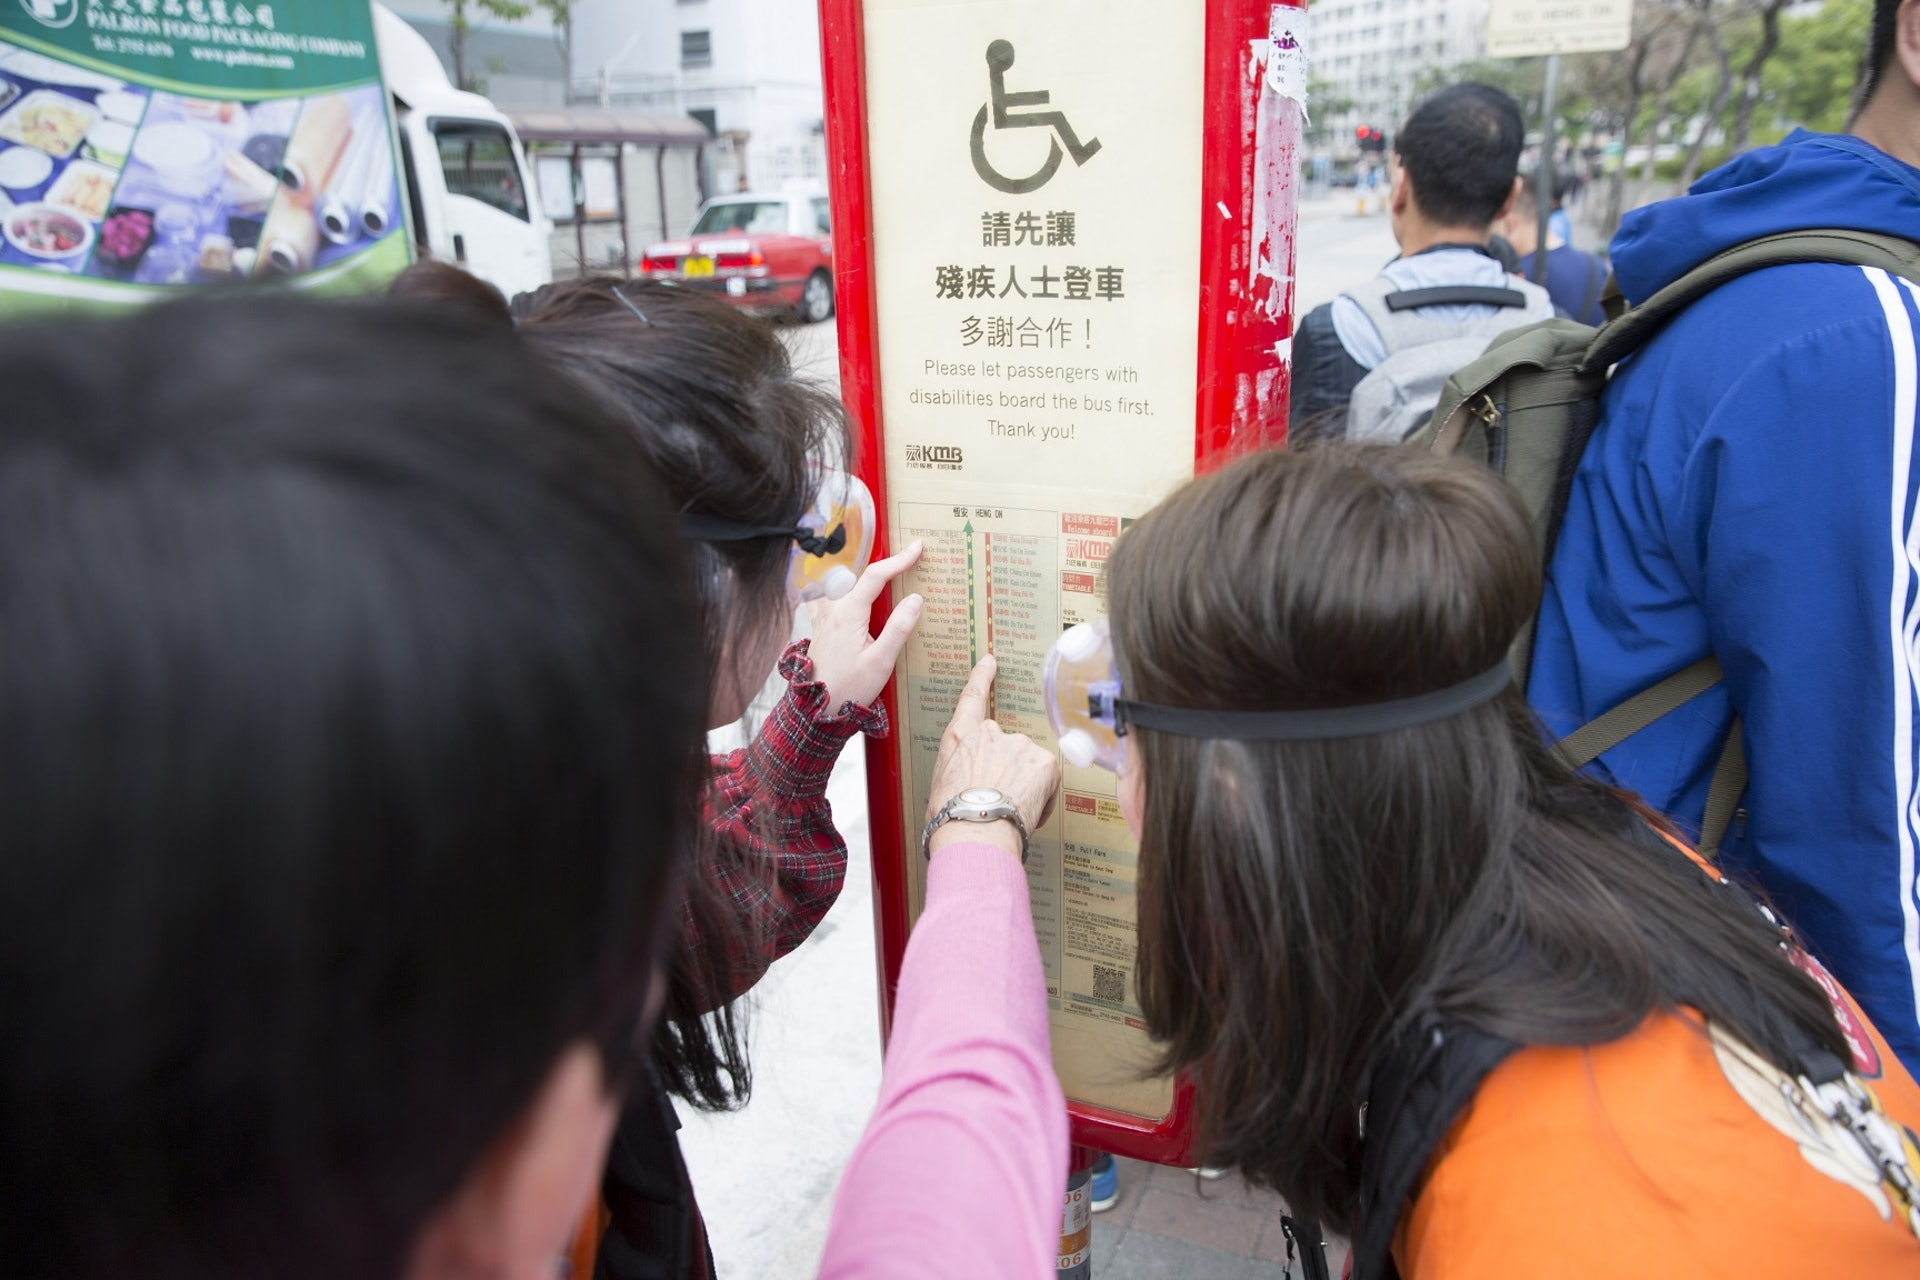 巴士站路牌上的字小得可憐,一般老人根本不可能看到。(龔嘉盛攝)